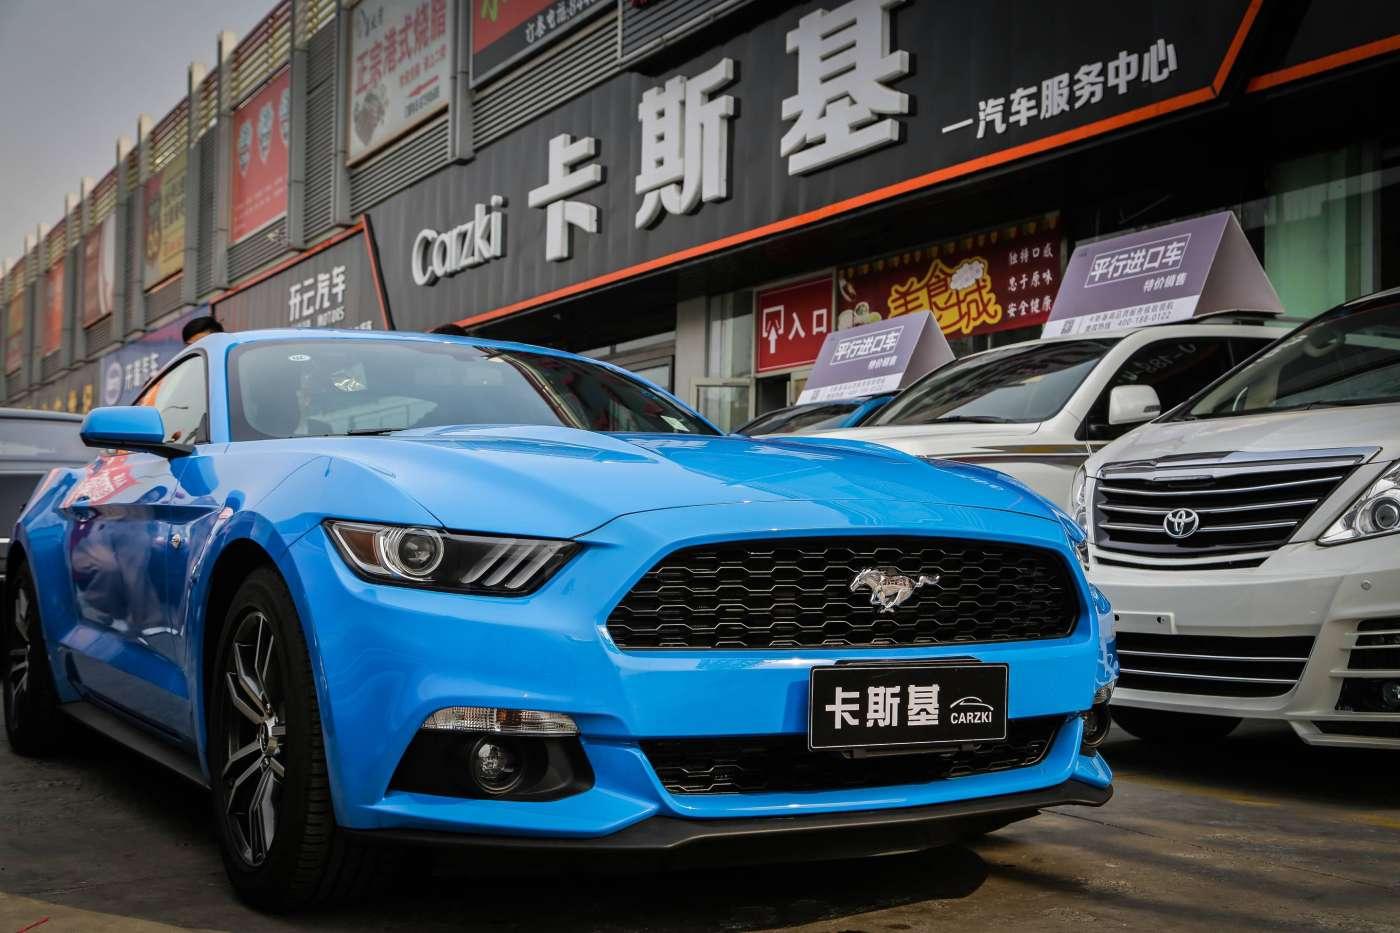 Mustang 2017款 2.3T 性能版 进口福特-北京卡斯基汽车服务有限公司